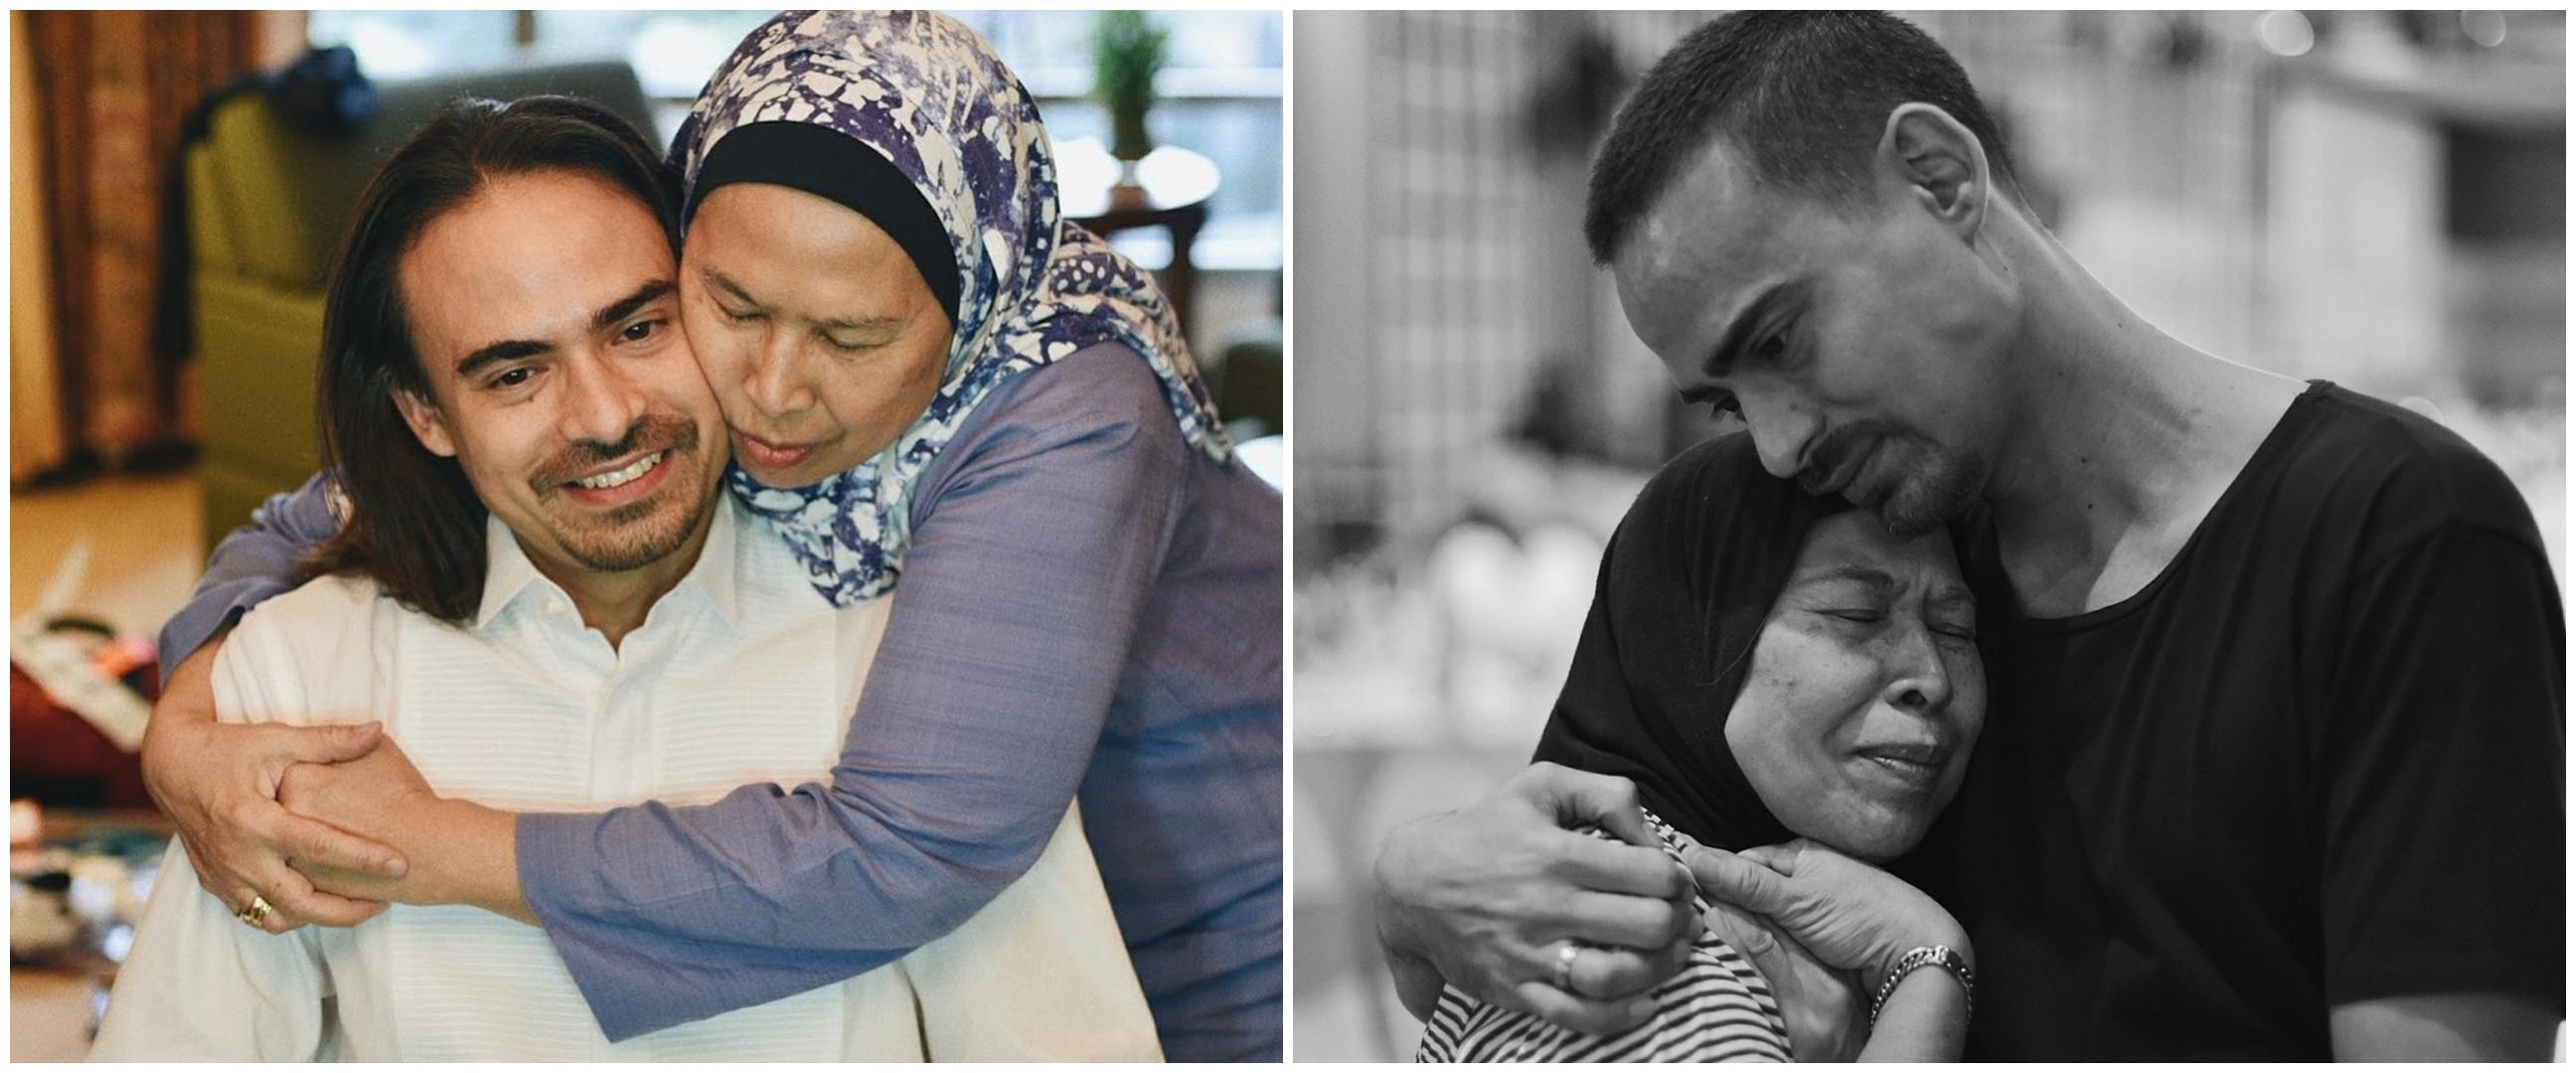 Curhat haru ibunda Ashraf menerima kenyataan kepergian sang anak